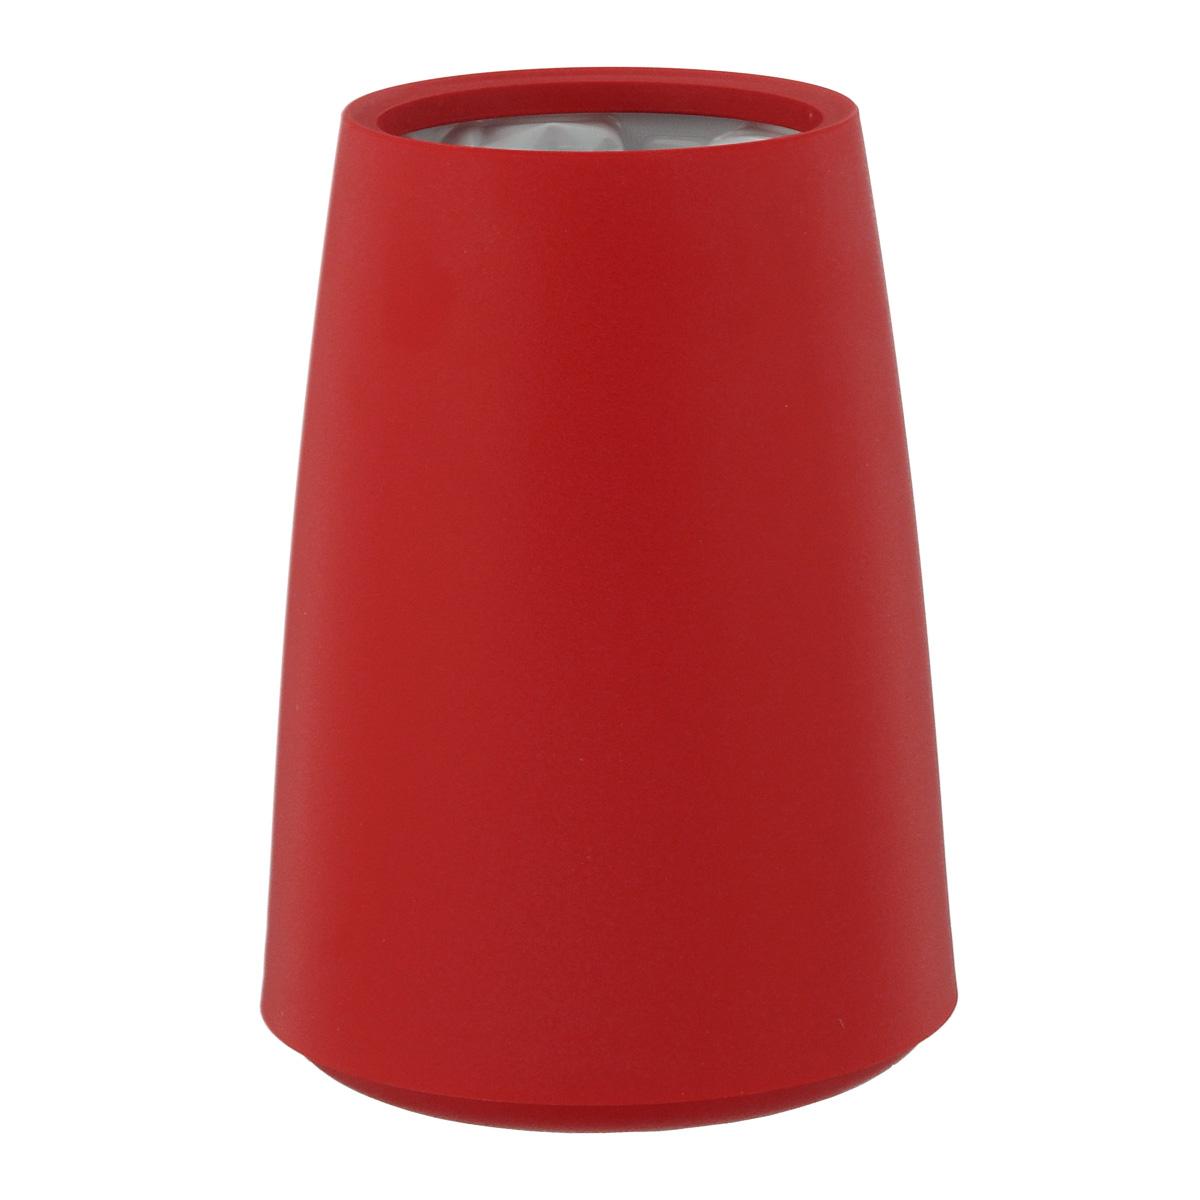 Ведерко-охладитель для бутылок VacuVin Rapid Ice Elegant, цвет: красный, 0,75 л3649160Элегантное ведерко-охладитель VacuVin Rapid Ice Elegant позволит вам мгновенно охладить вино без использования льда. Внутри пластиковой емкости находится многоразовый охлаждающий элемент, который охлаждает бутылку за несколько минут и сохраняет ее холодной часами. В ведерке-охладителе не используется ни лед, ни вода, поэтому на вашем столе не будет лужиц, а этикетка не размокнет и не отвалится.Храните охлаждающий элемент в морозилке.Объем: 0,75 л.Высота ведерка-охладителя: 12 см.